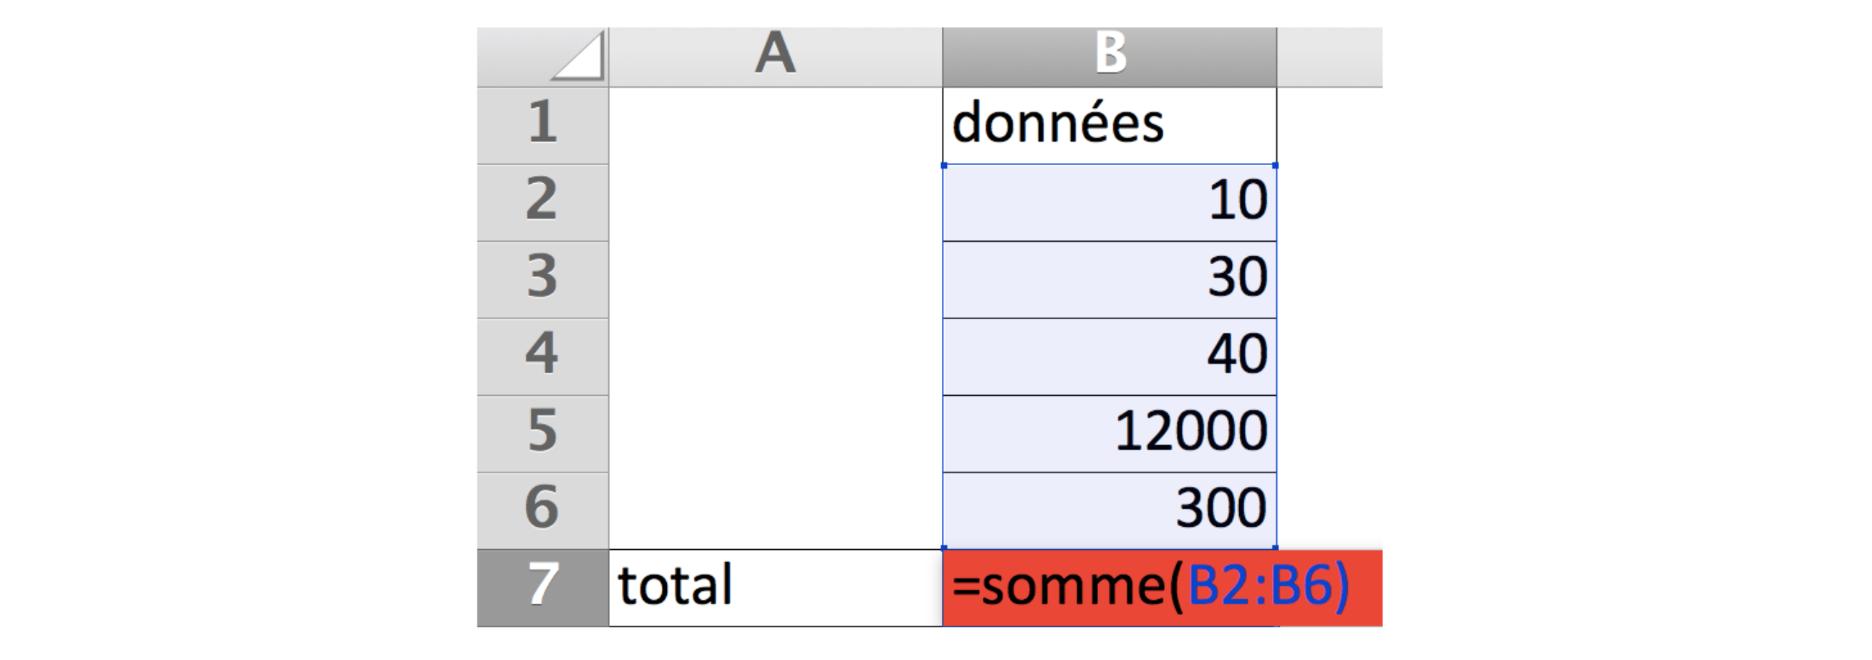 Exemple d'une fonction somme